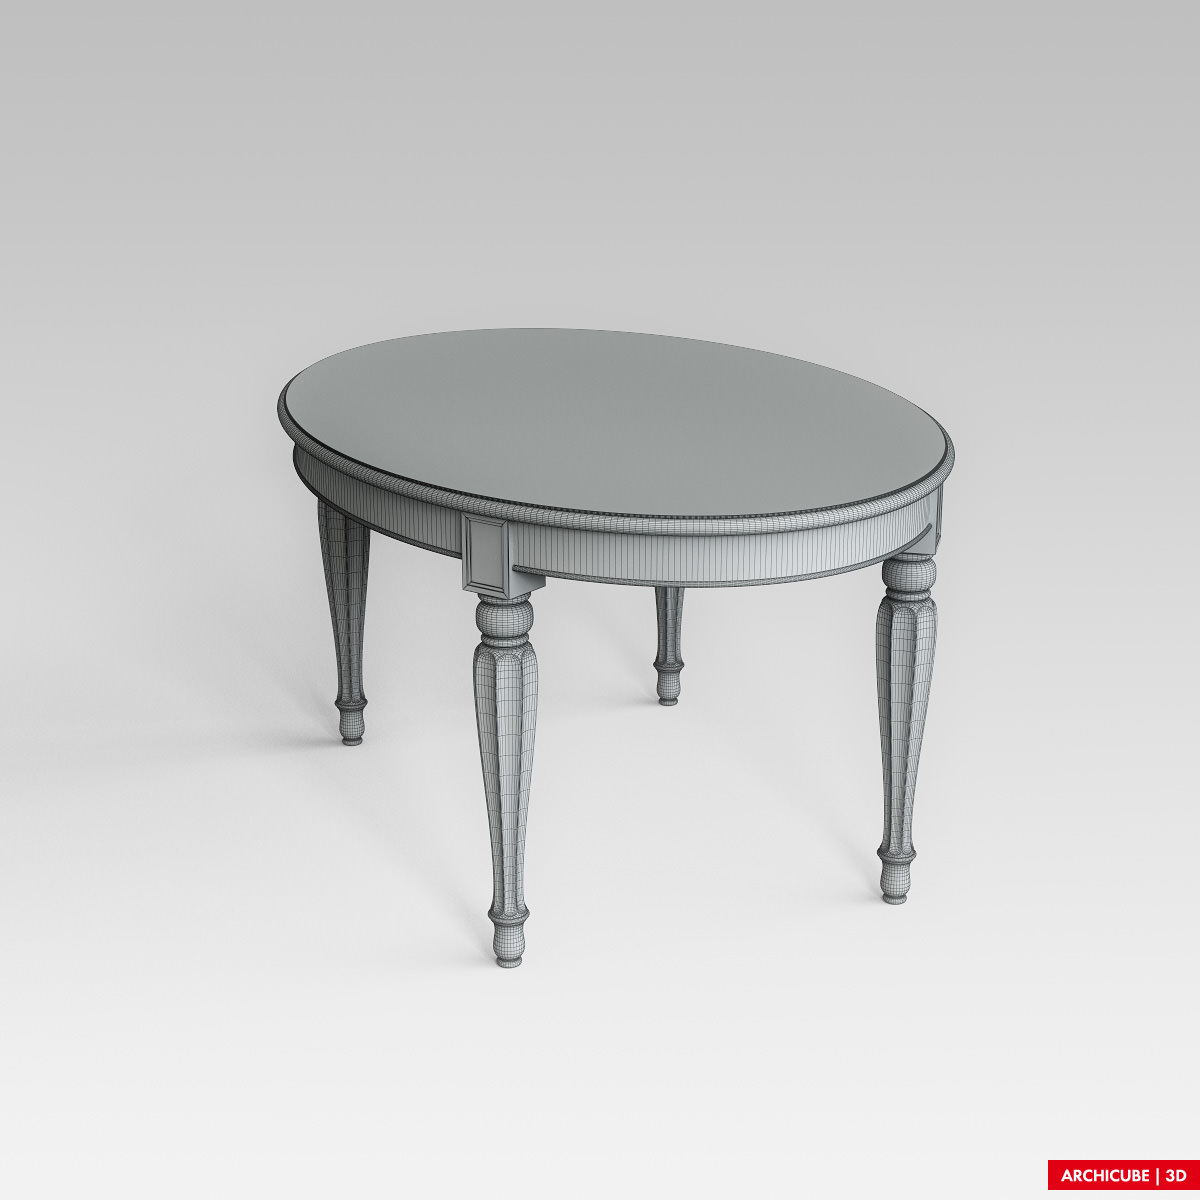 Dining table 3D Model MAX OBJ FBX | CGTrader.com